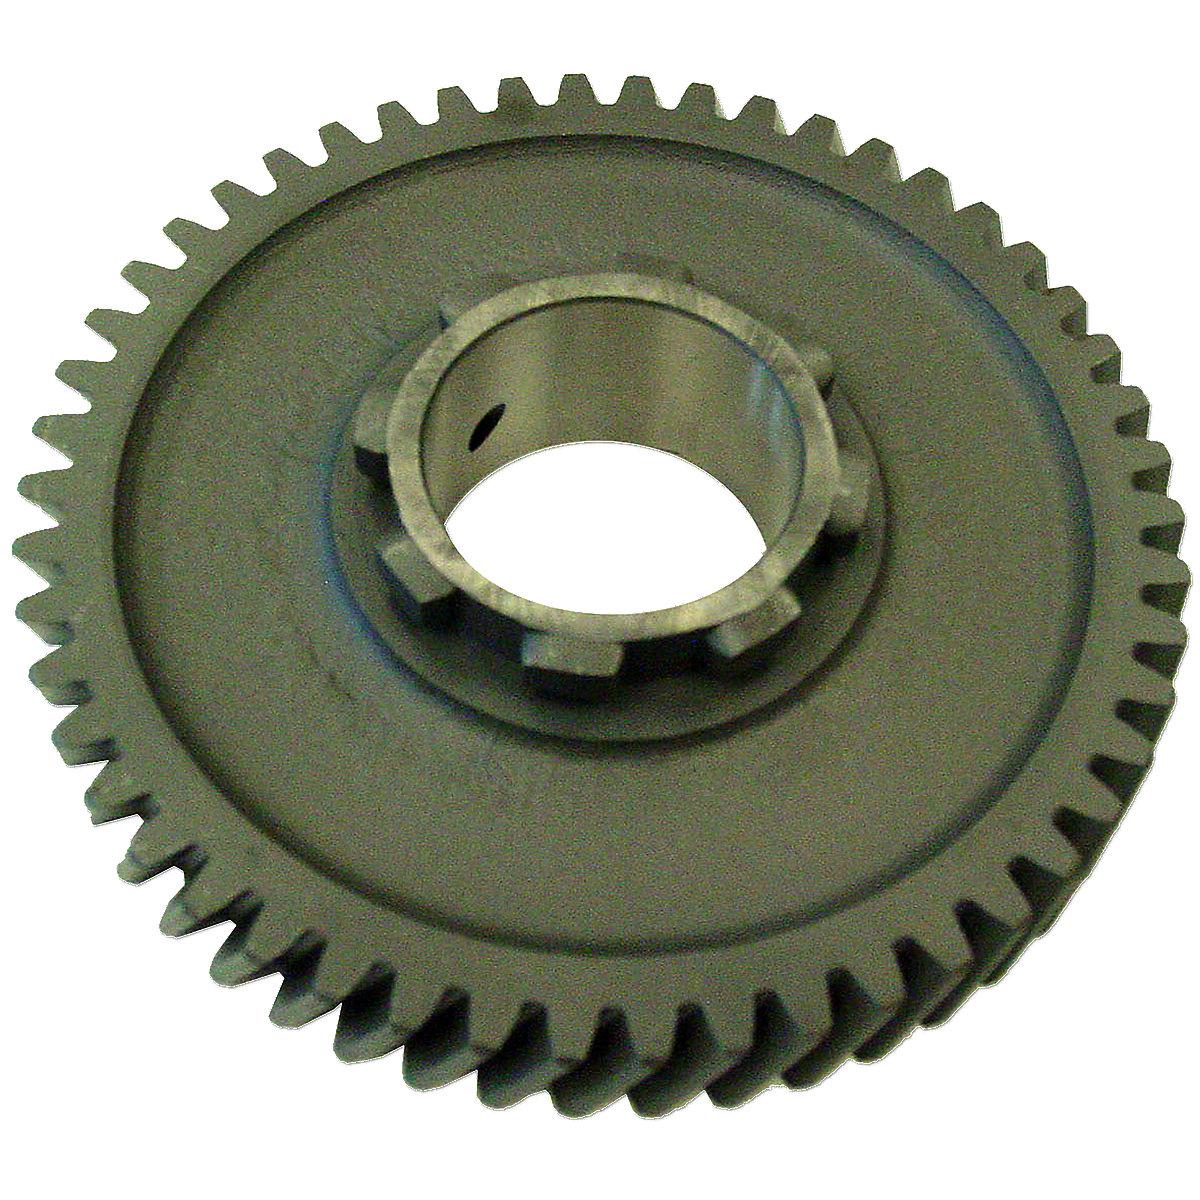 1st Pinion Shaft Gear For Allis Chalmers: D10, D12, D14, D15.